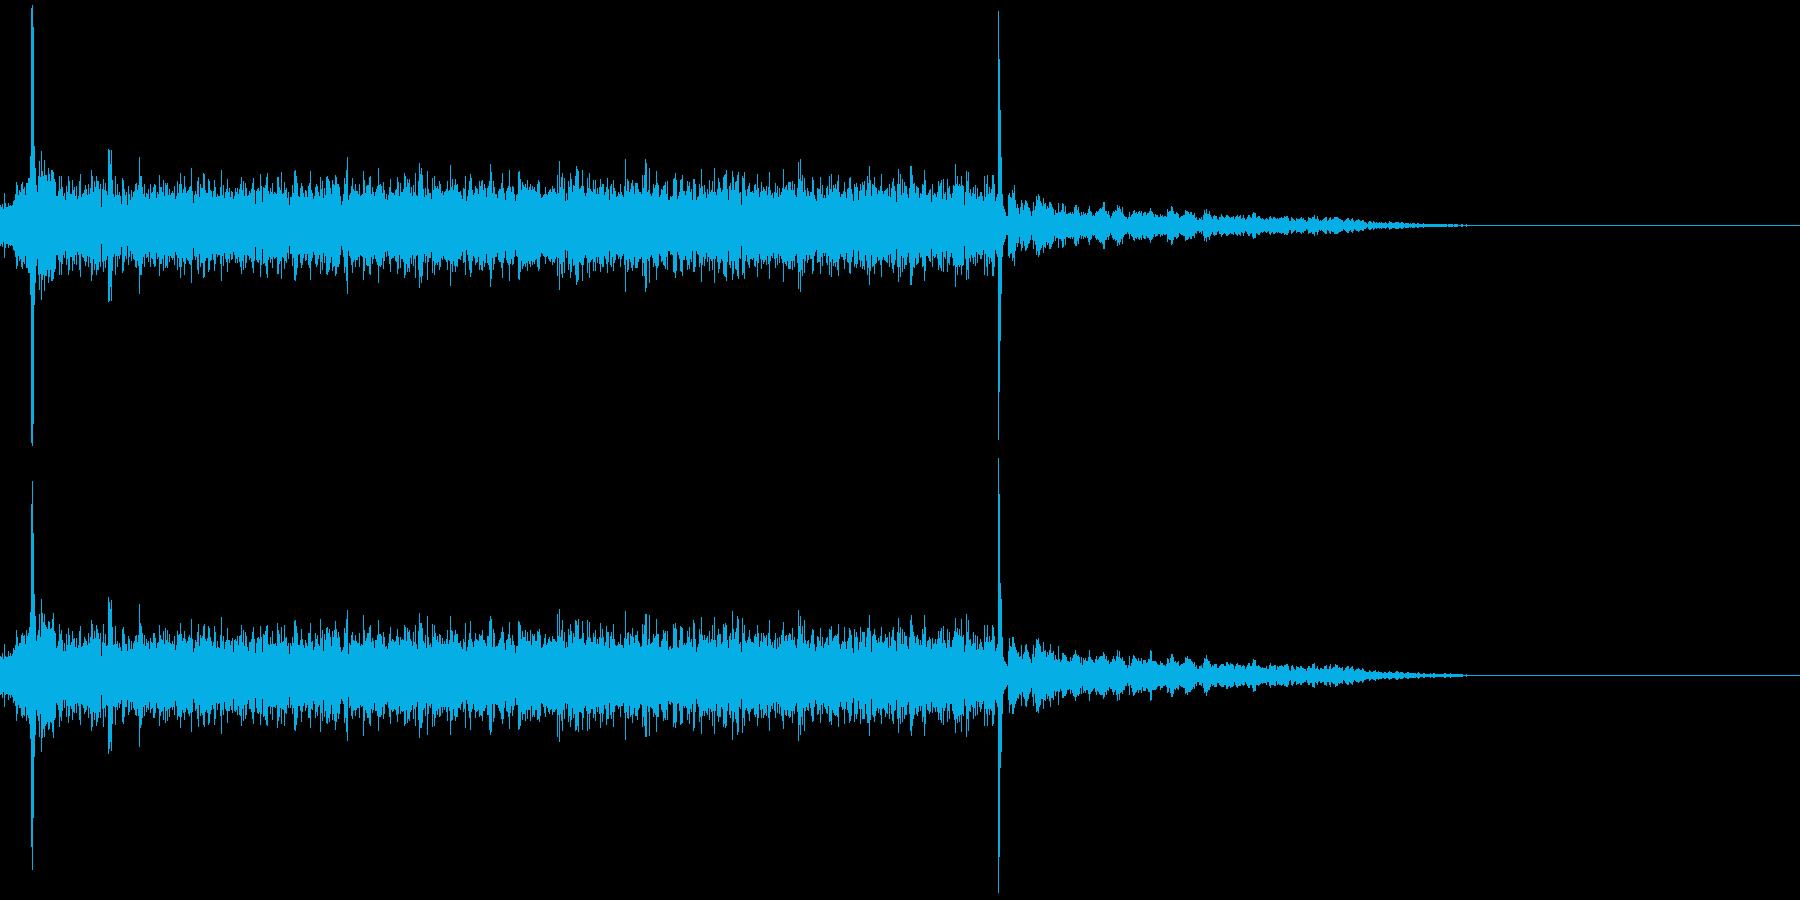 ガラガラガラガラカチシュルルルル…の再生済みの波形